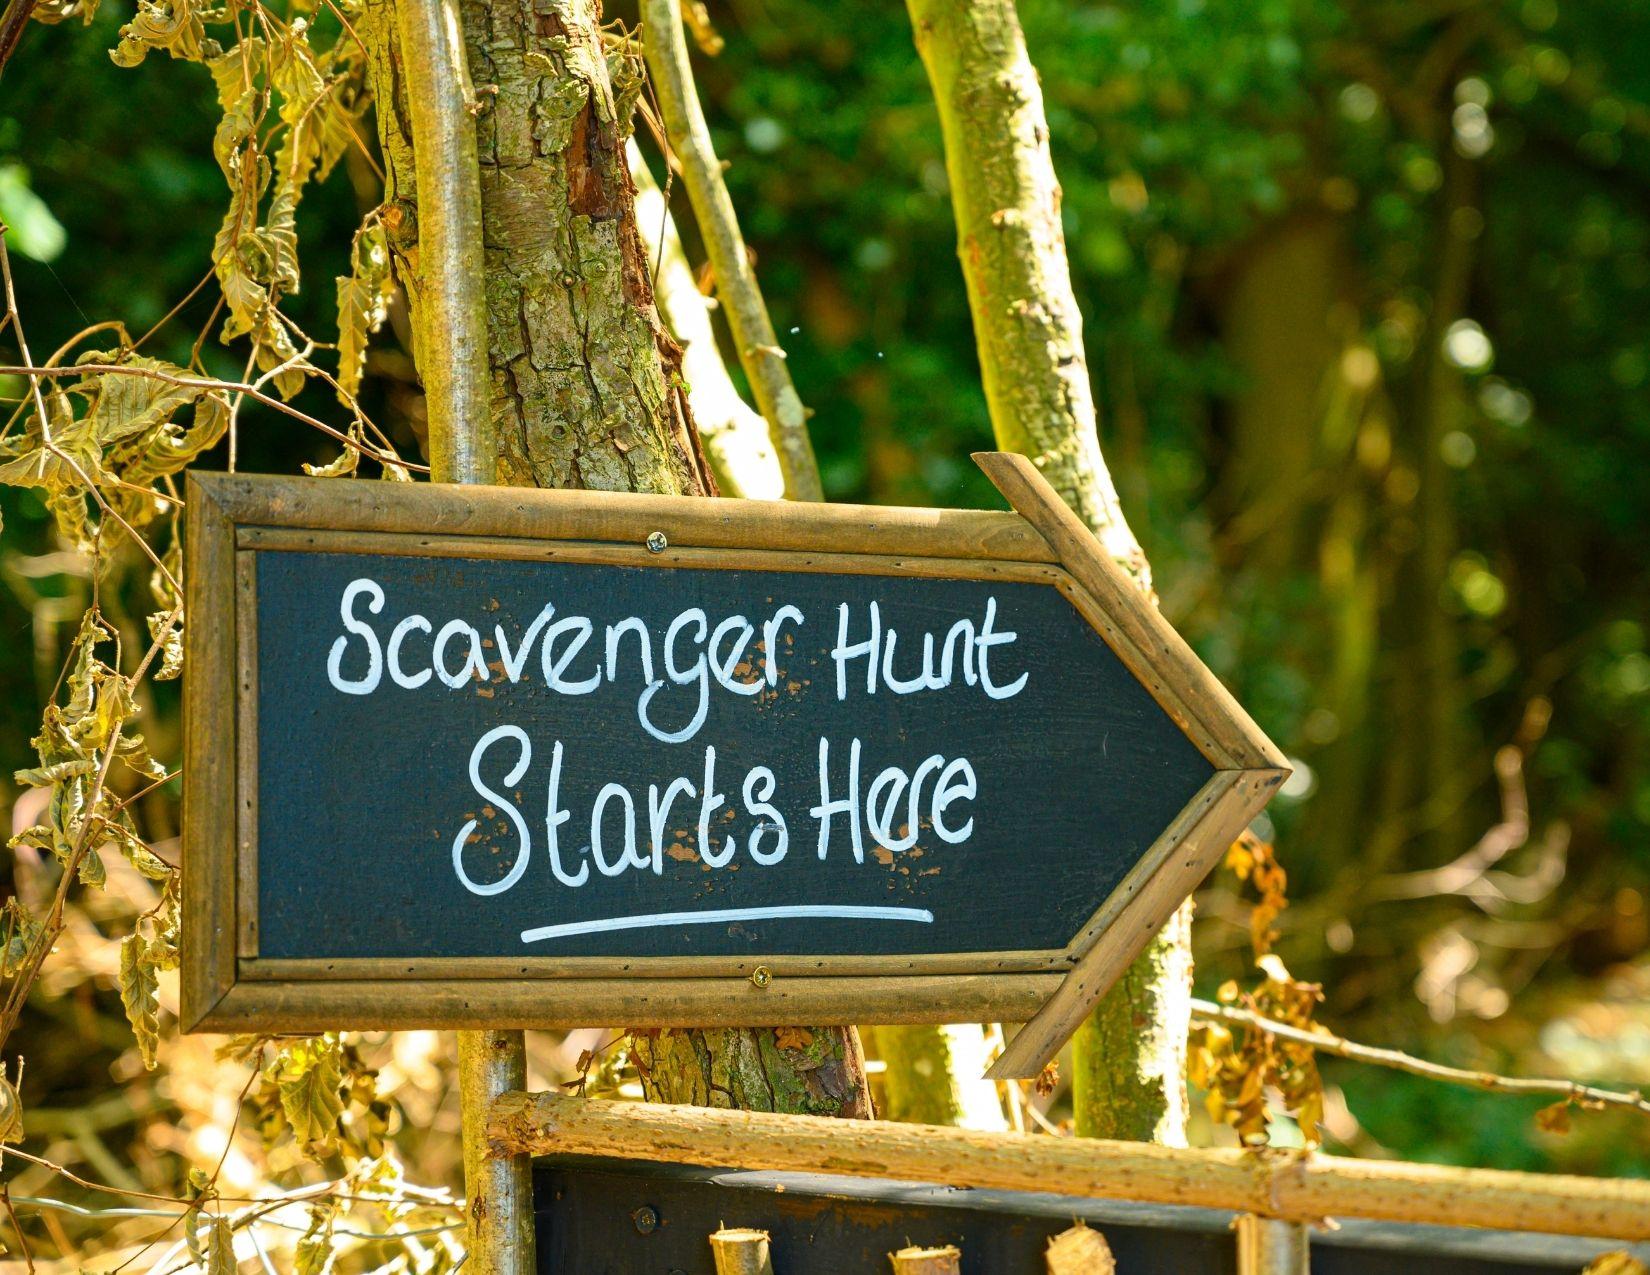 scavenger hunt starts here sign